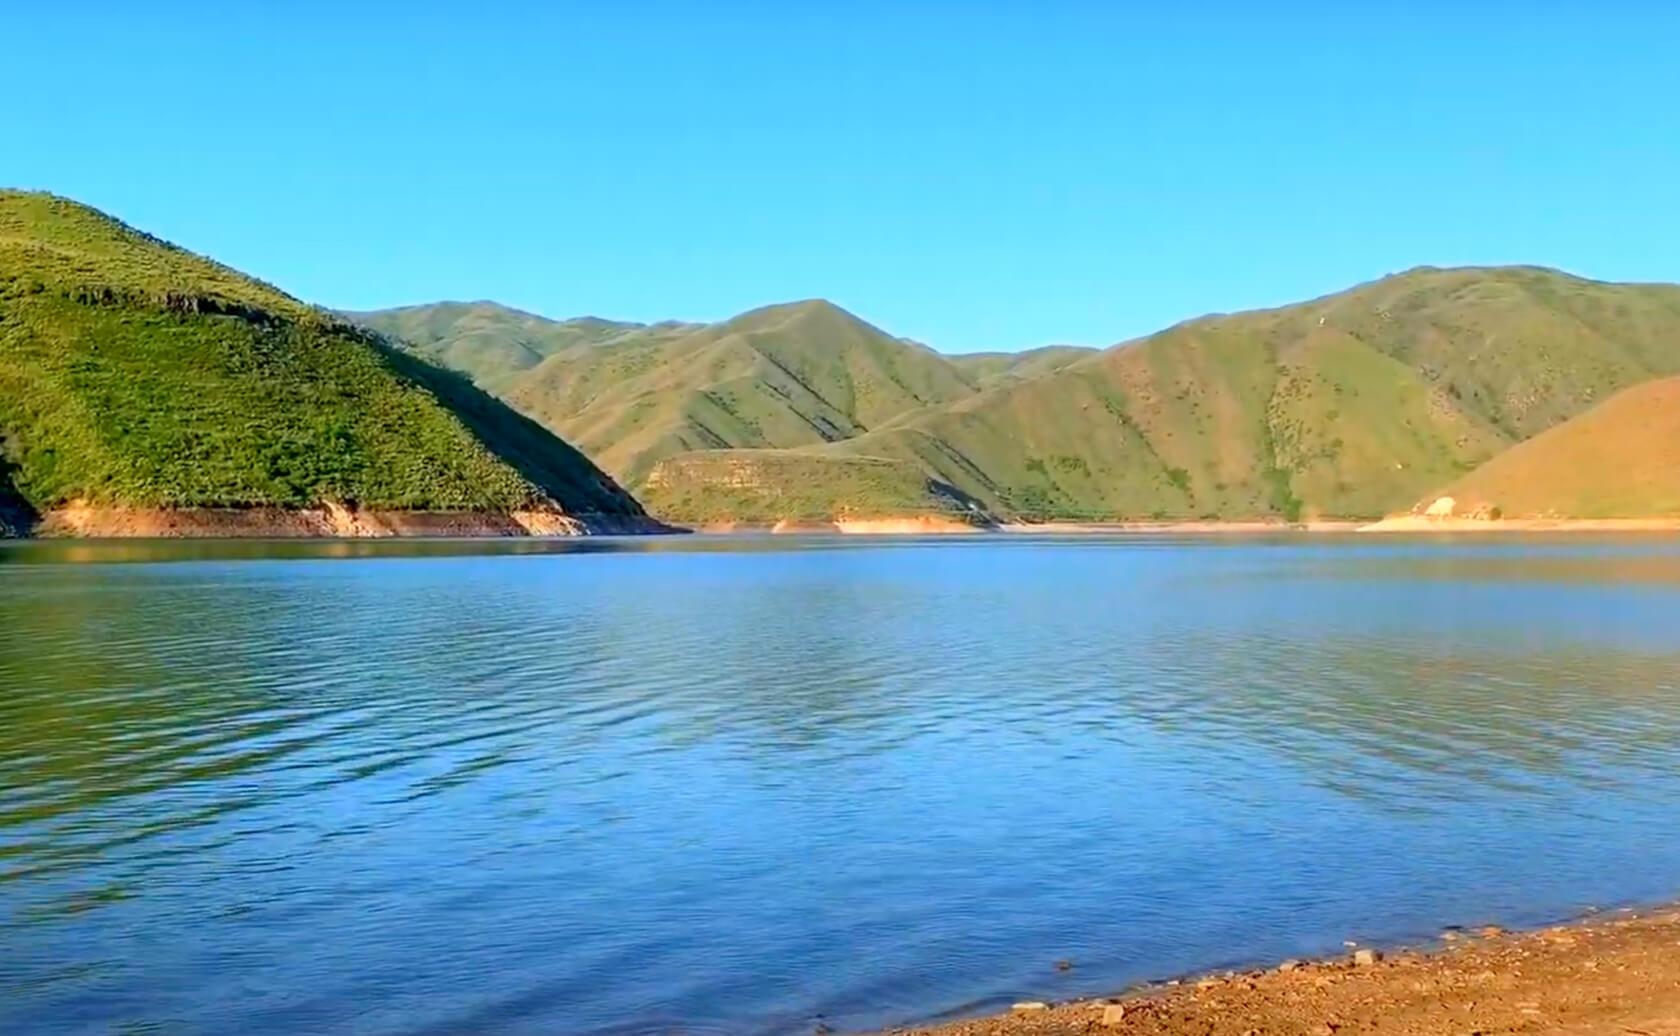 Arrowrock-Ranch-Lake-Fishing-Guide-Report-Idaho-01